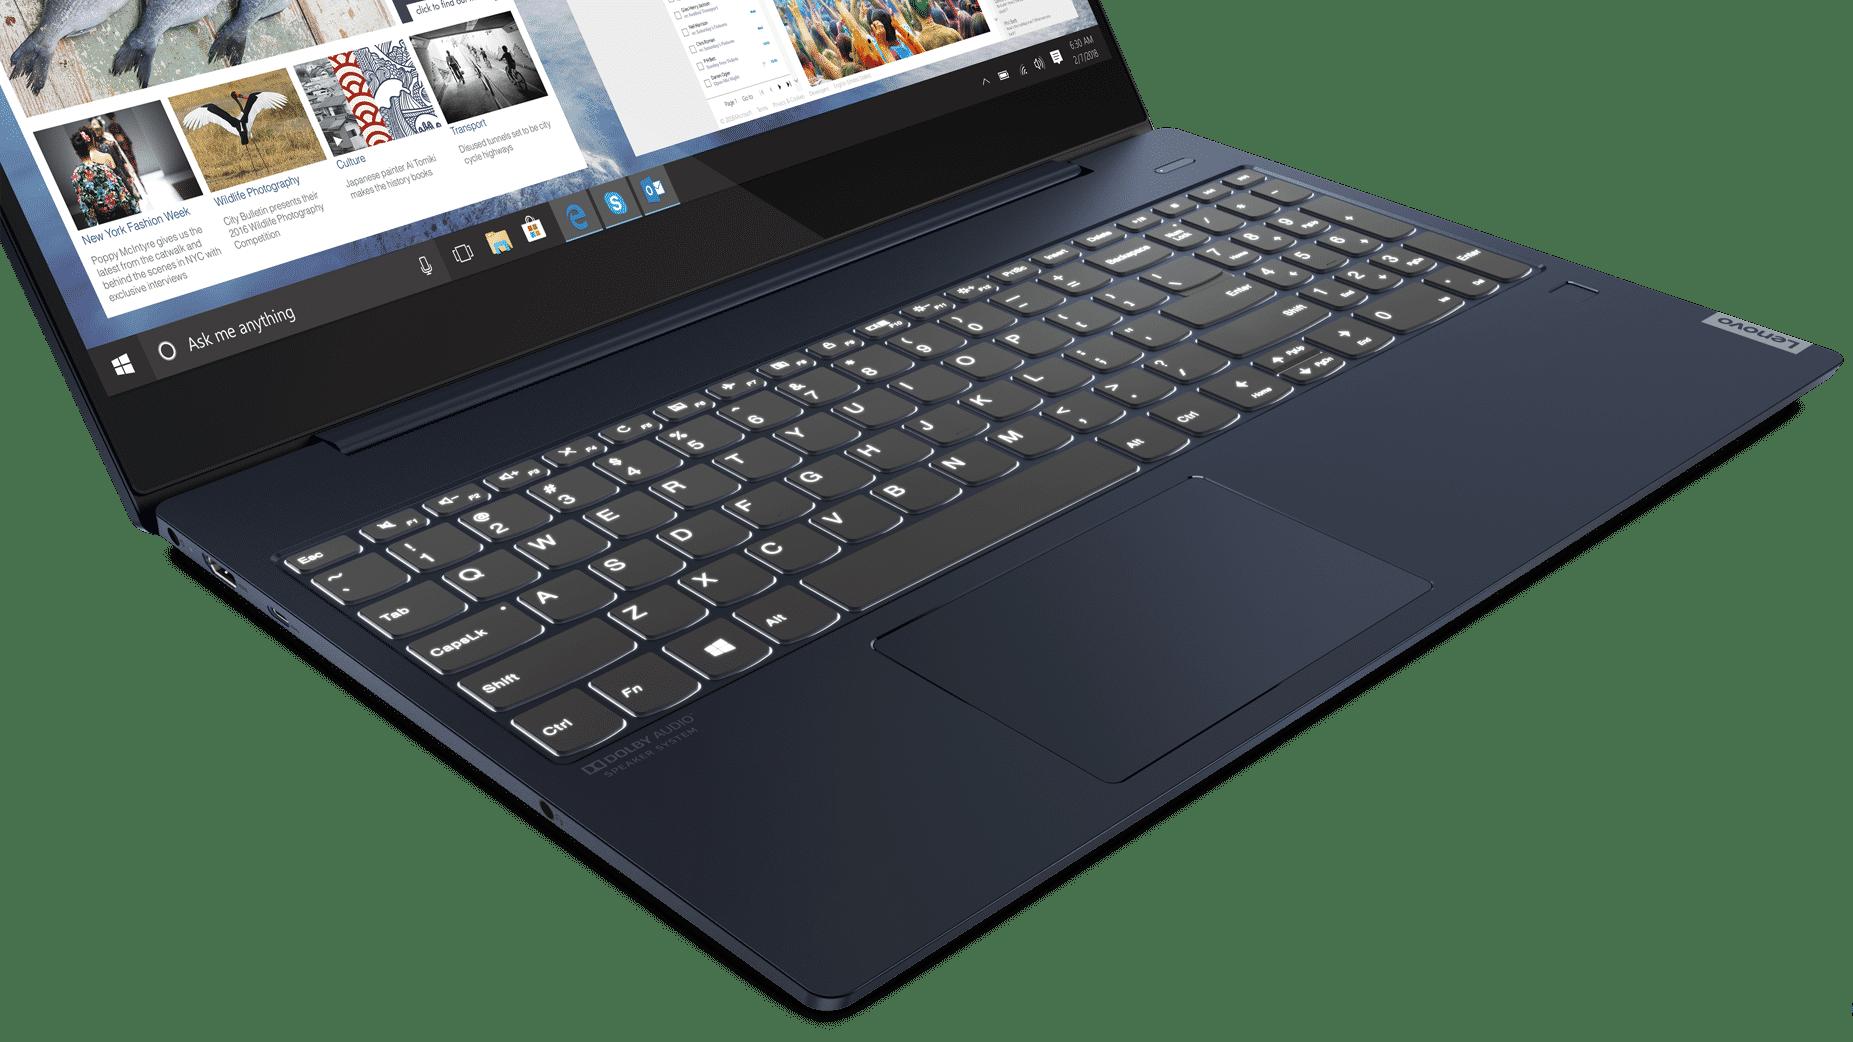 IdeaPad-Notebooks mit AMD- oder Intel-Prozessoren